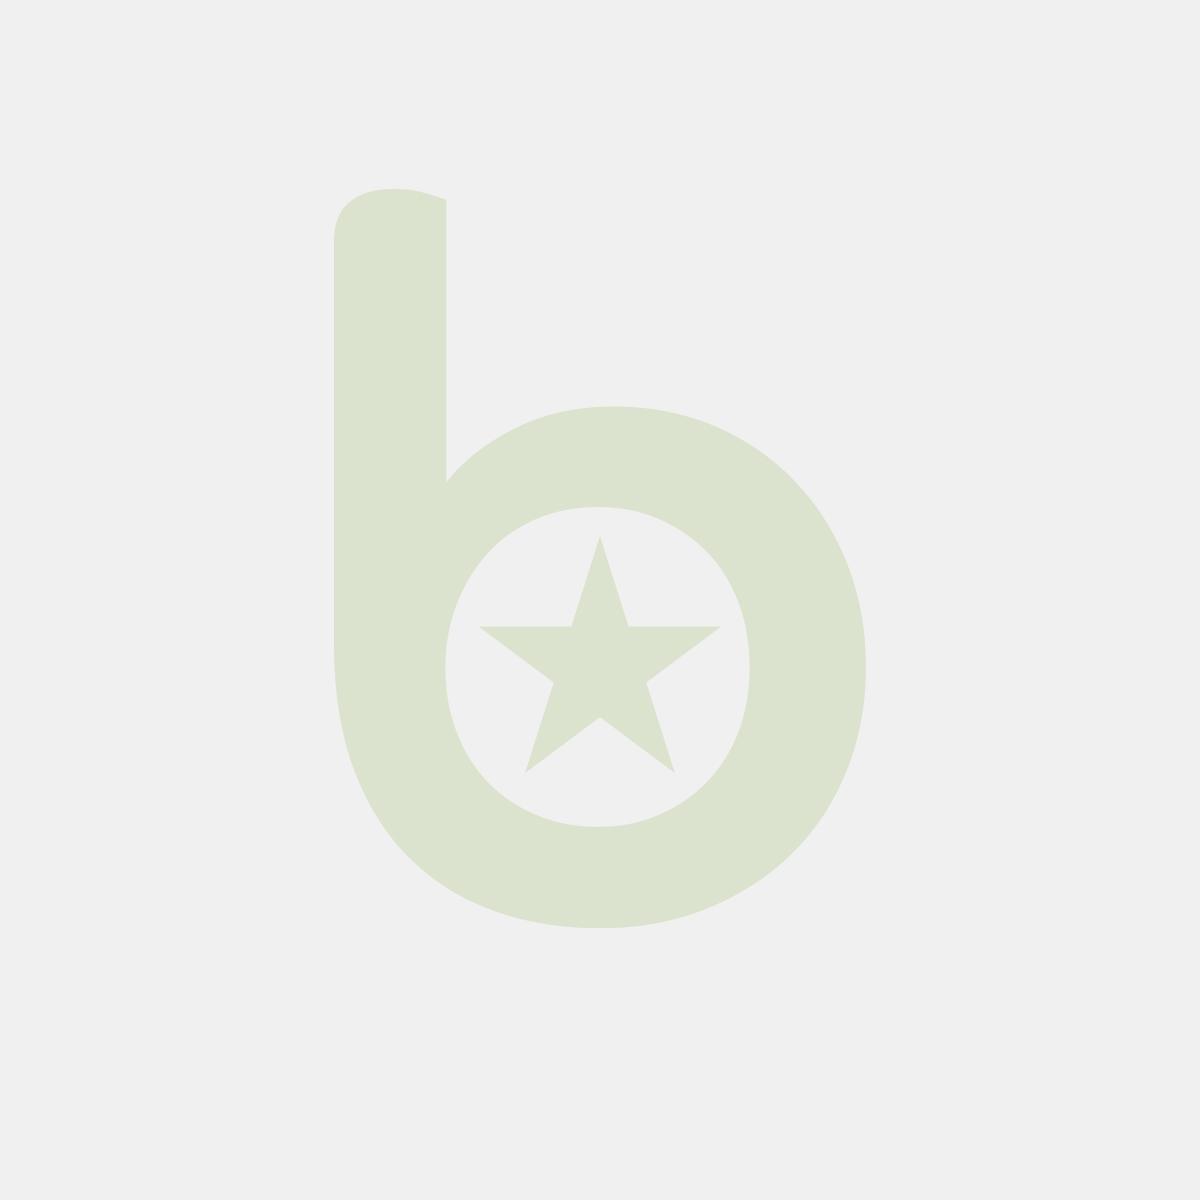 Patelnia Wok śr. 320 - kod 627747